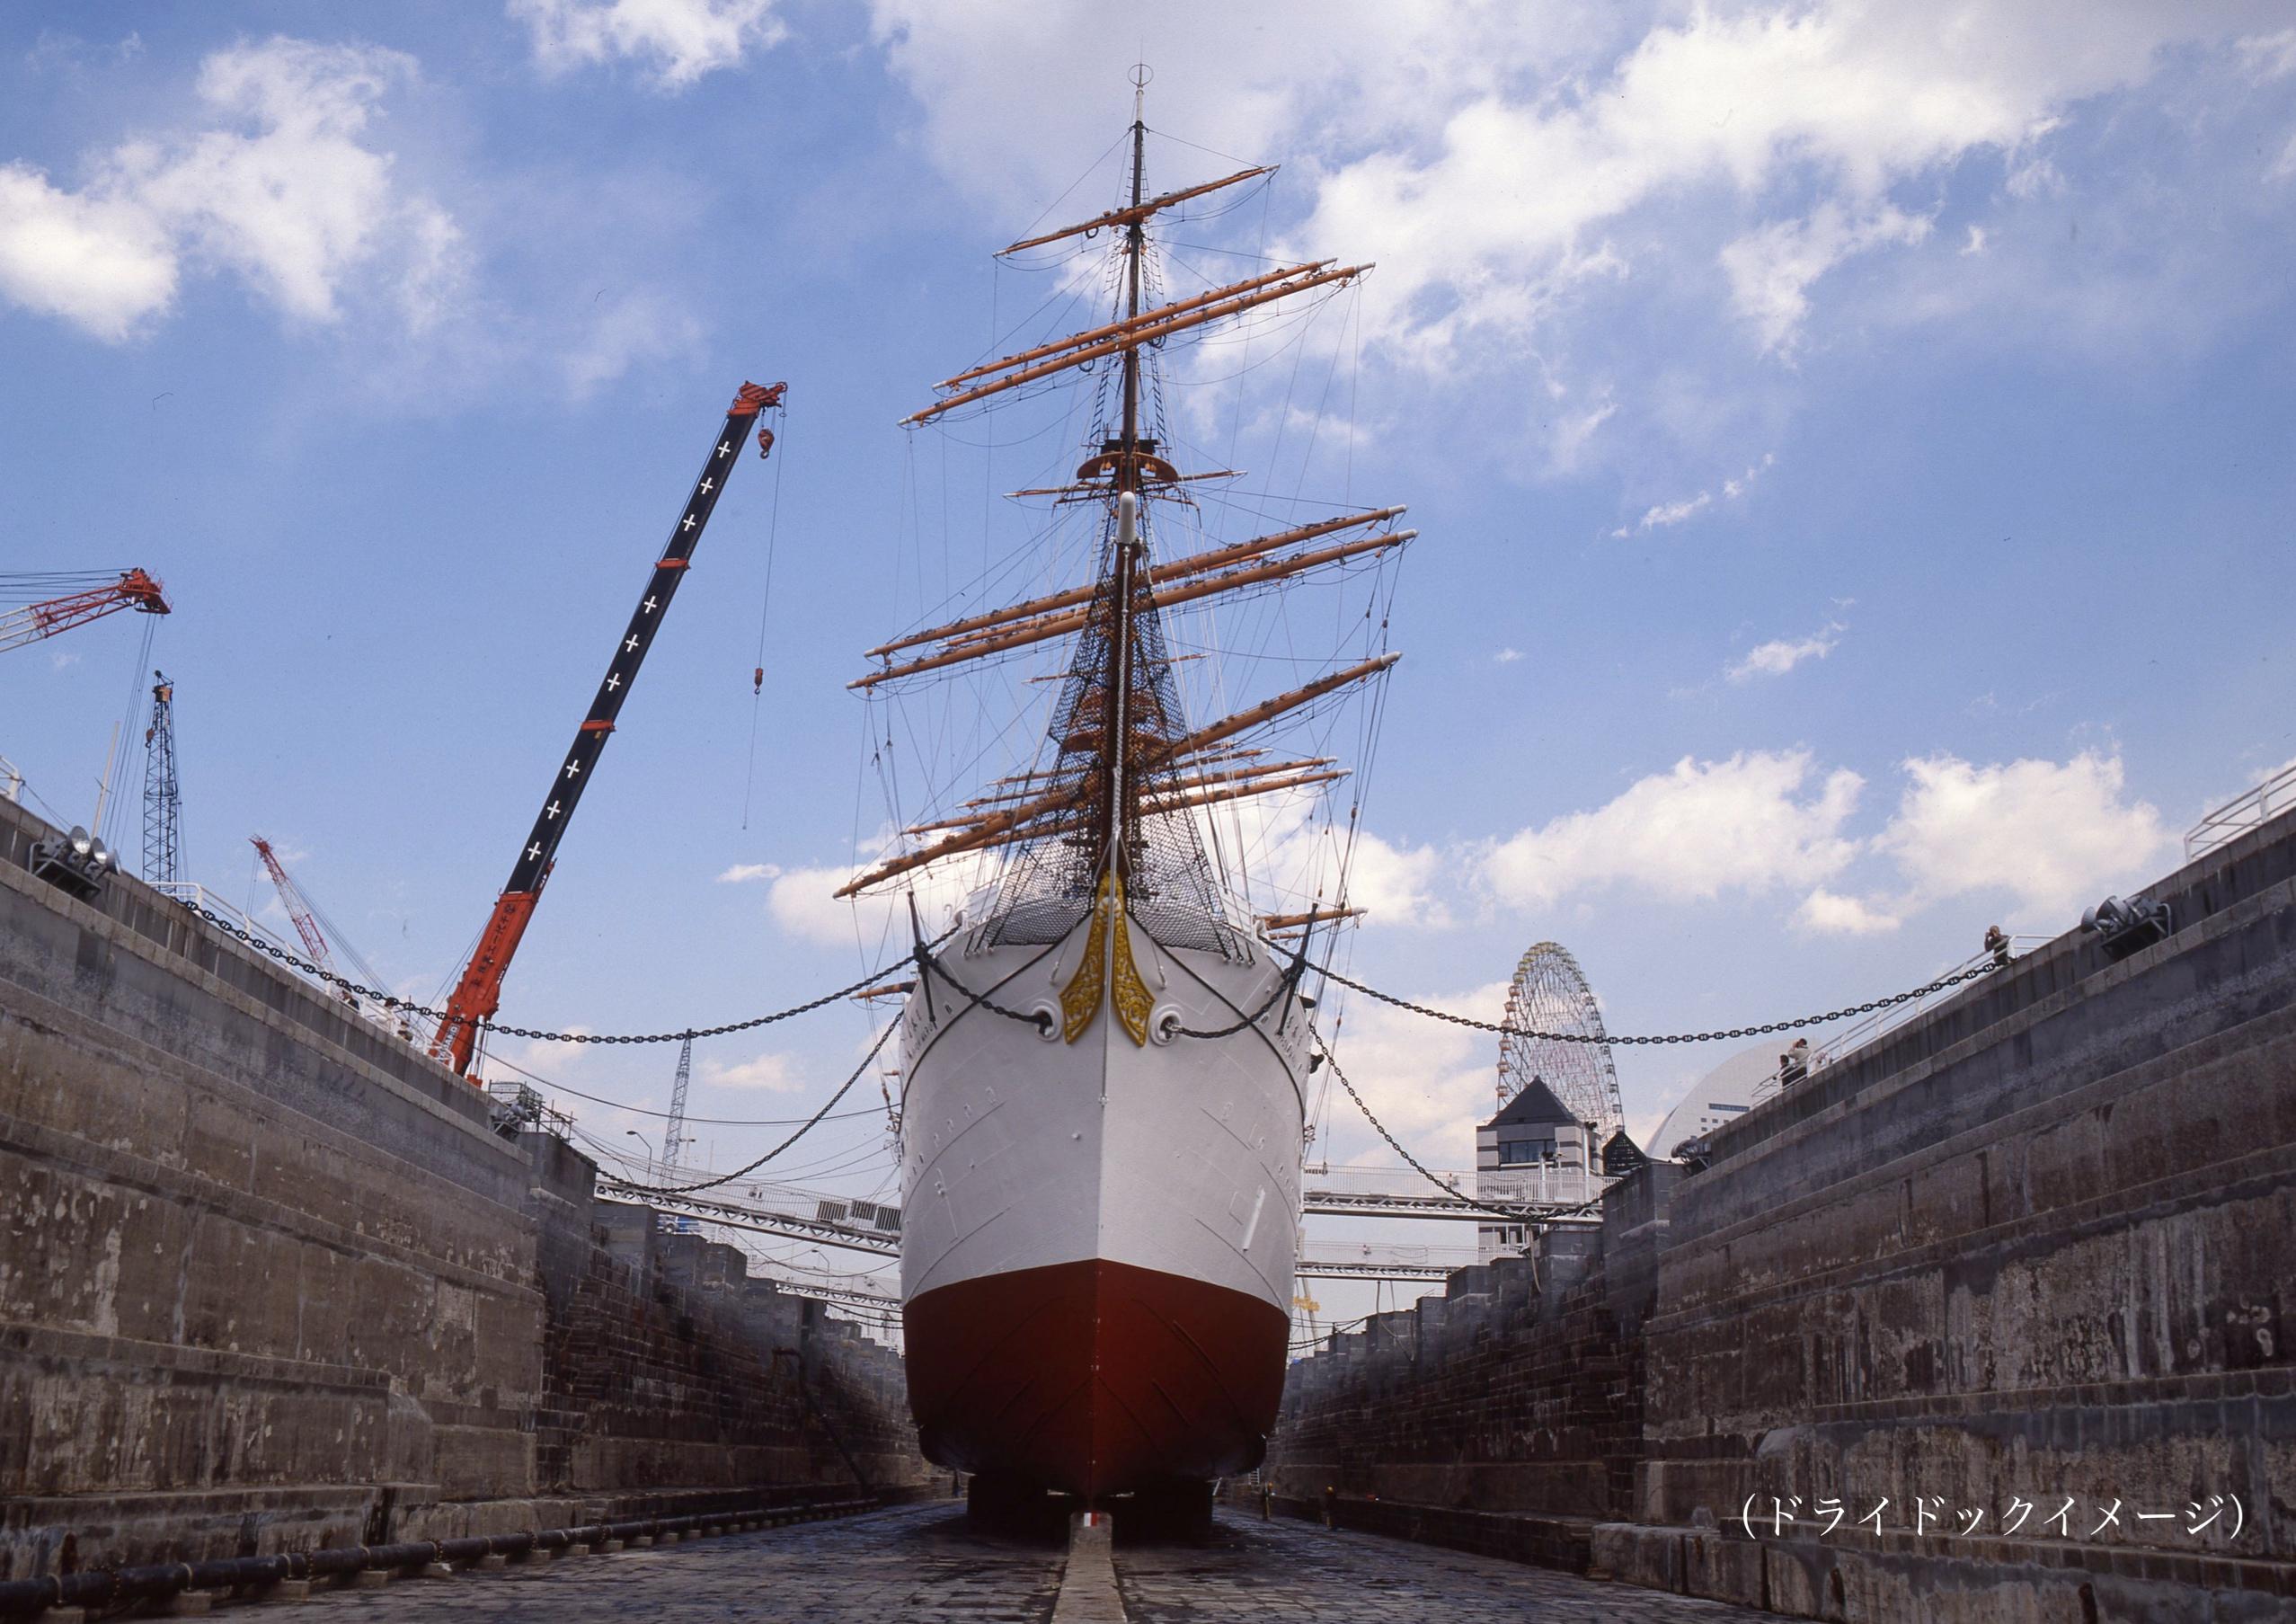 帆船日本丸・旧横浜船渠第1号ドックの市民見学会【要申込】